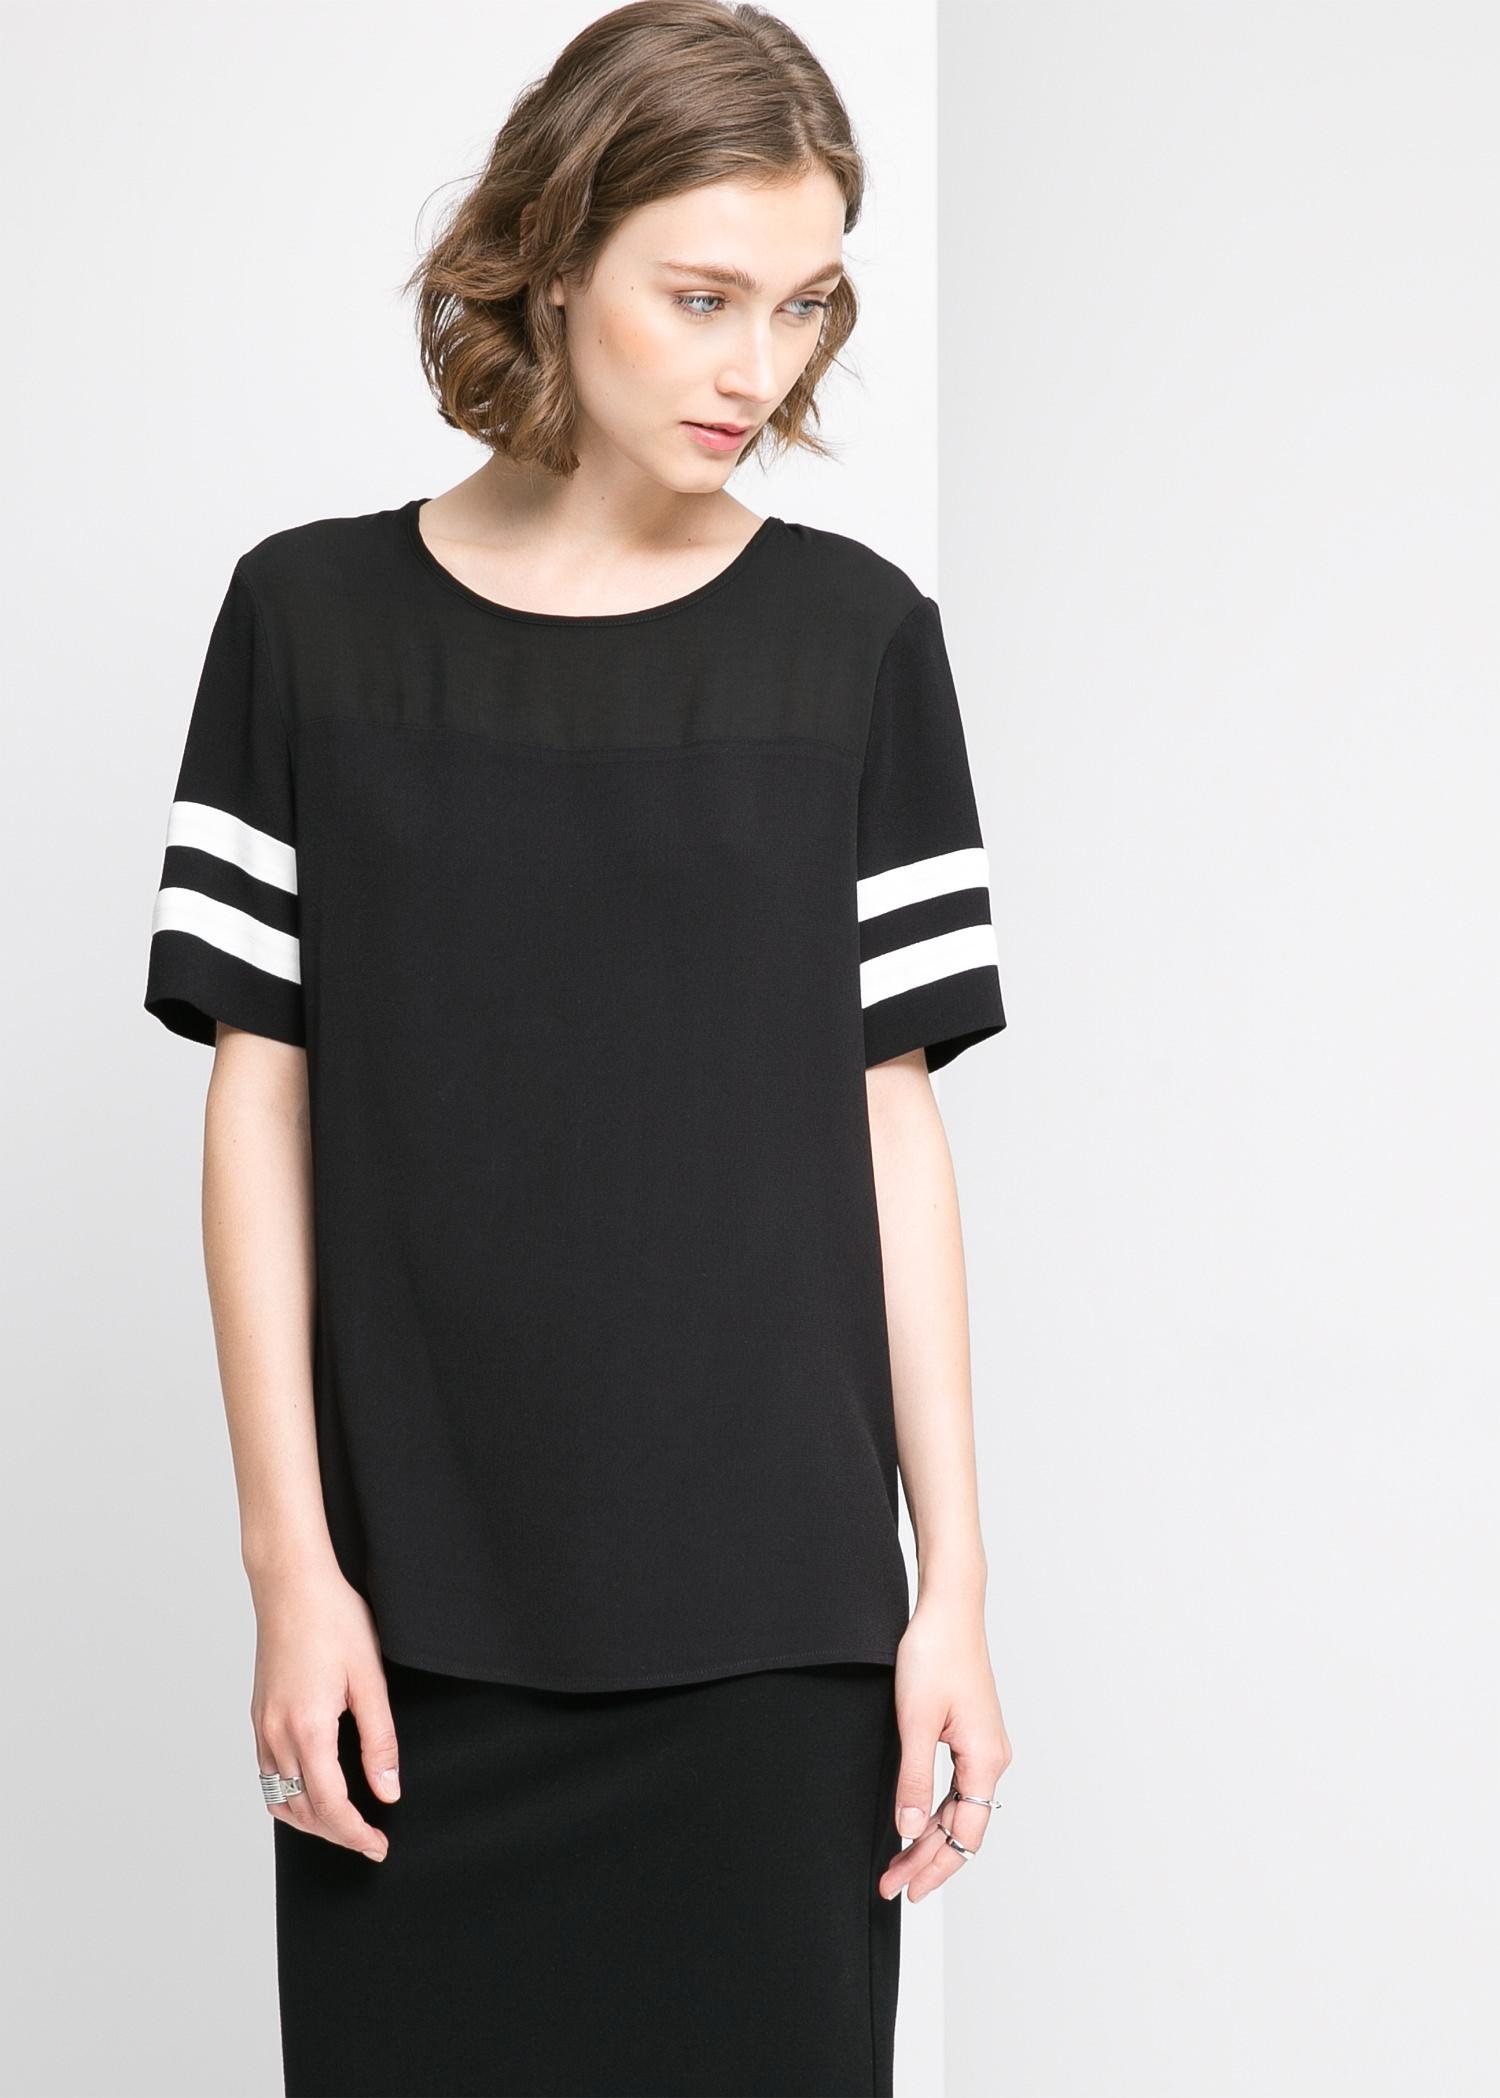 Blouse manches contrastantes - Blouses et chemises pour Femme | MANGO